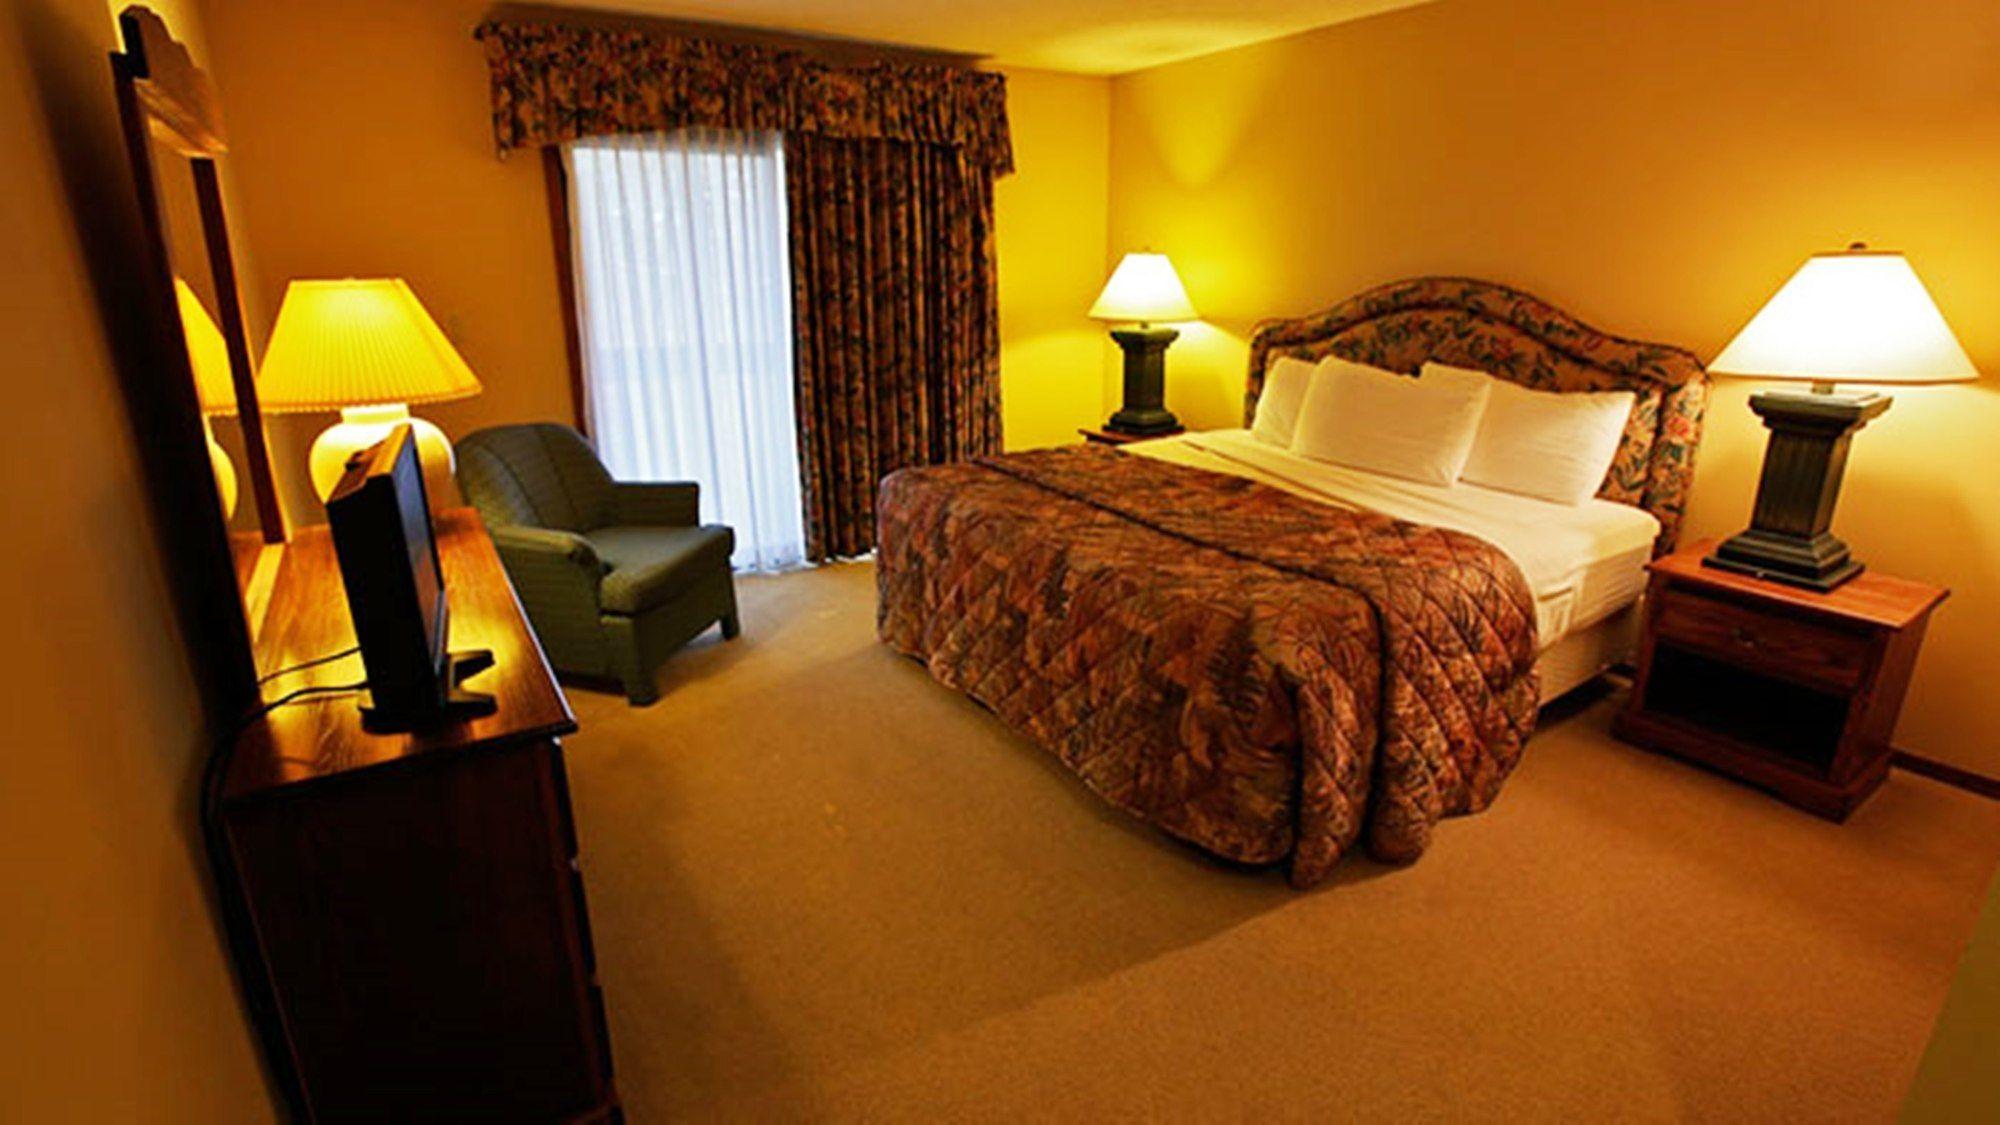 Fairway Forest Resort in Sapphire, NC